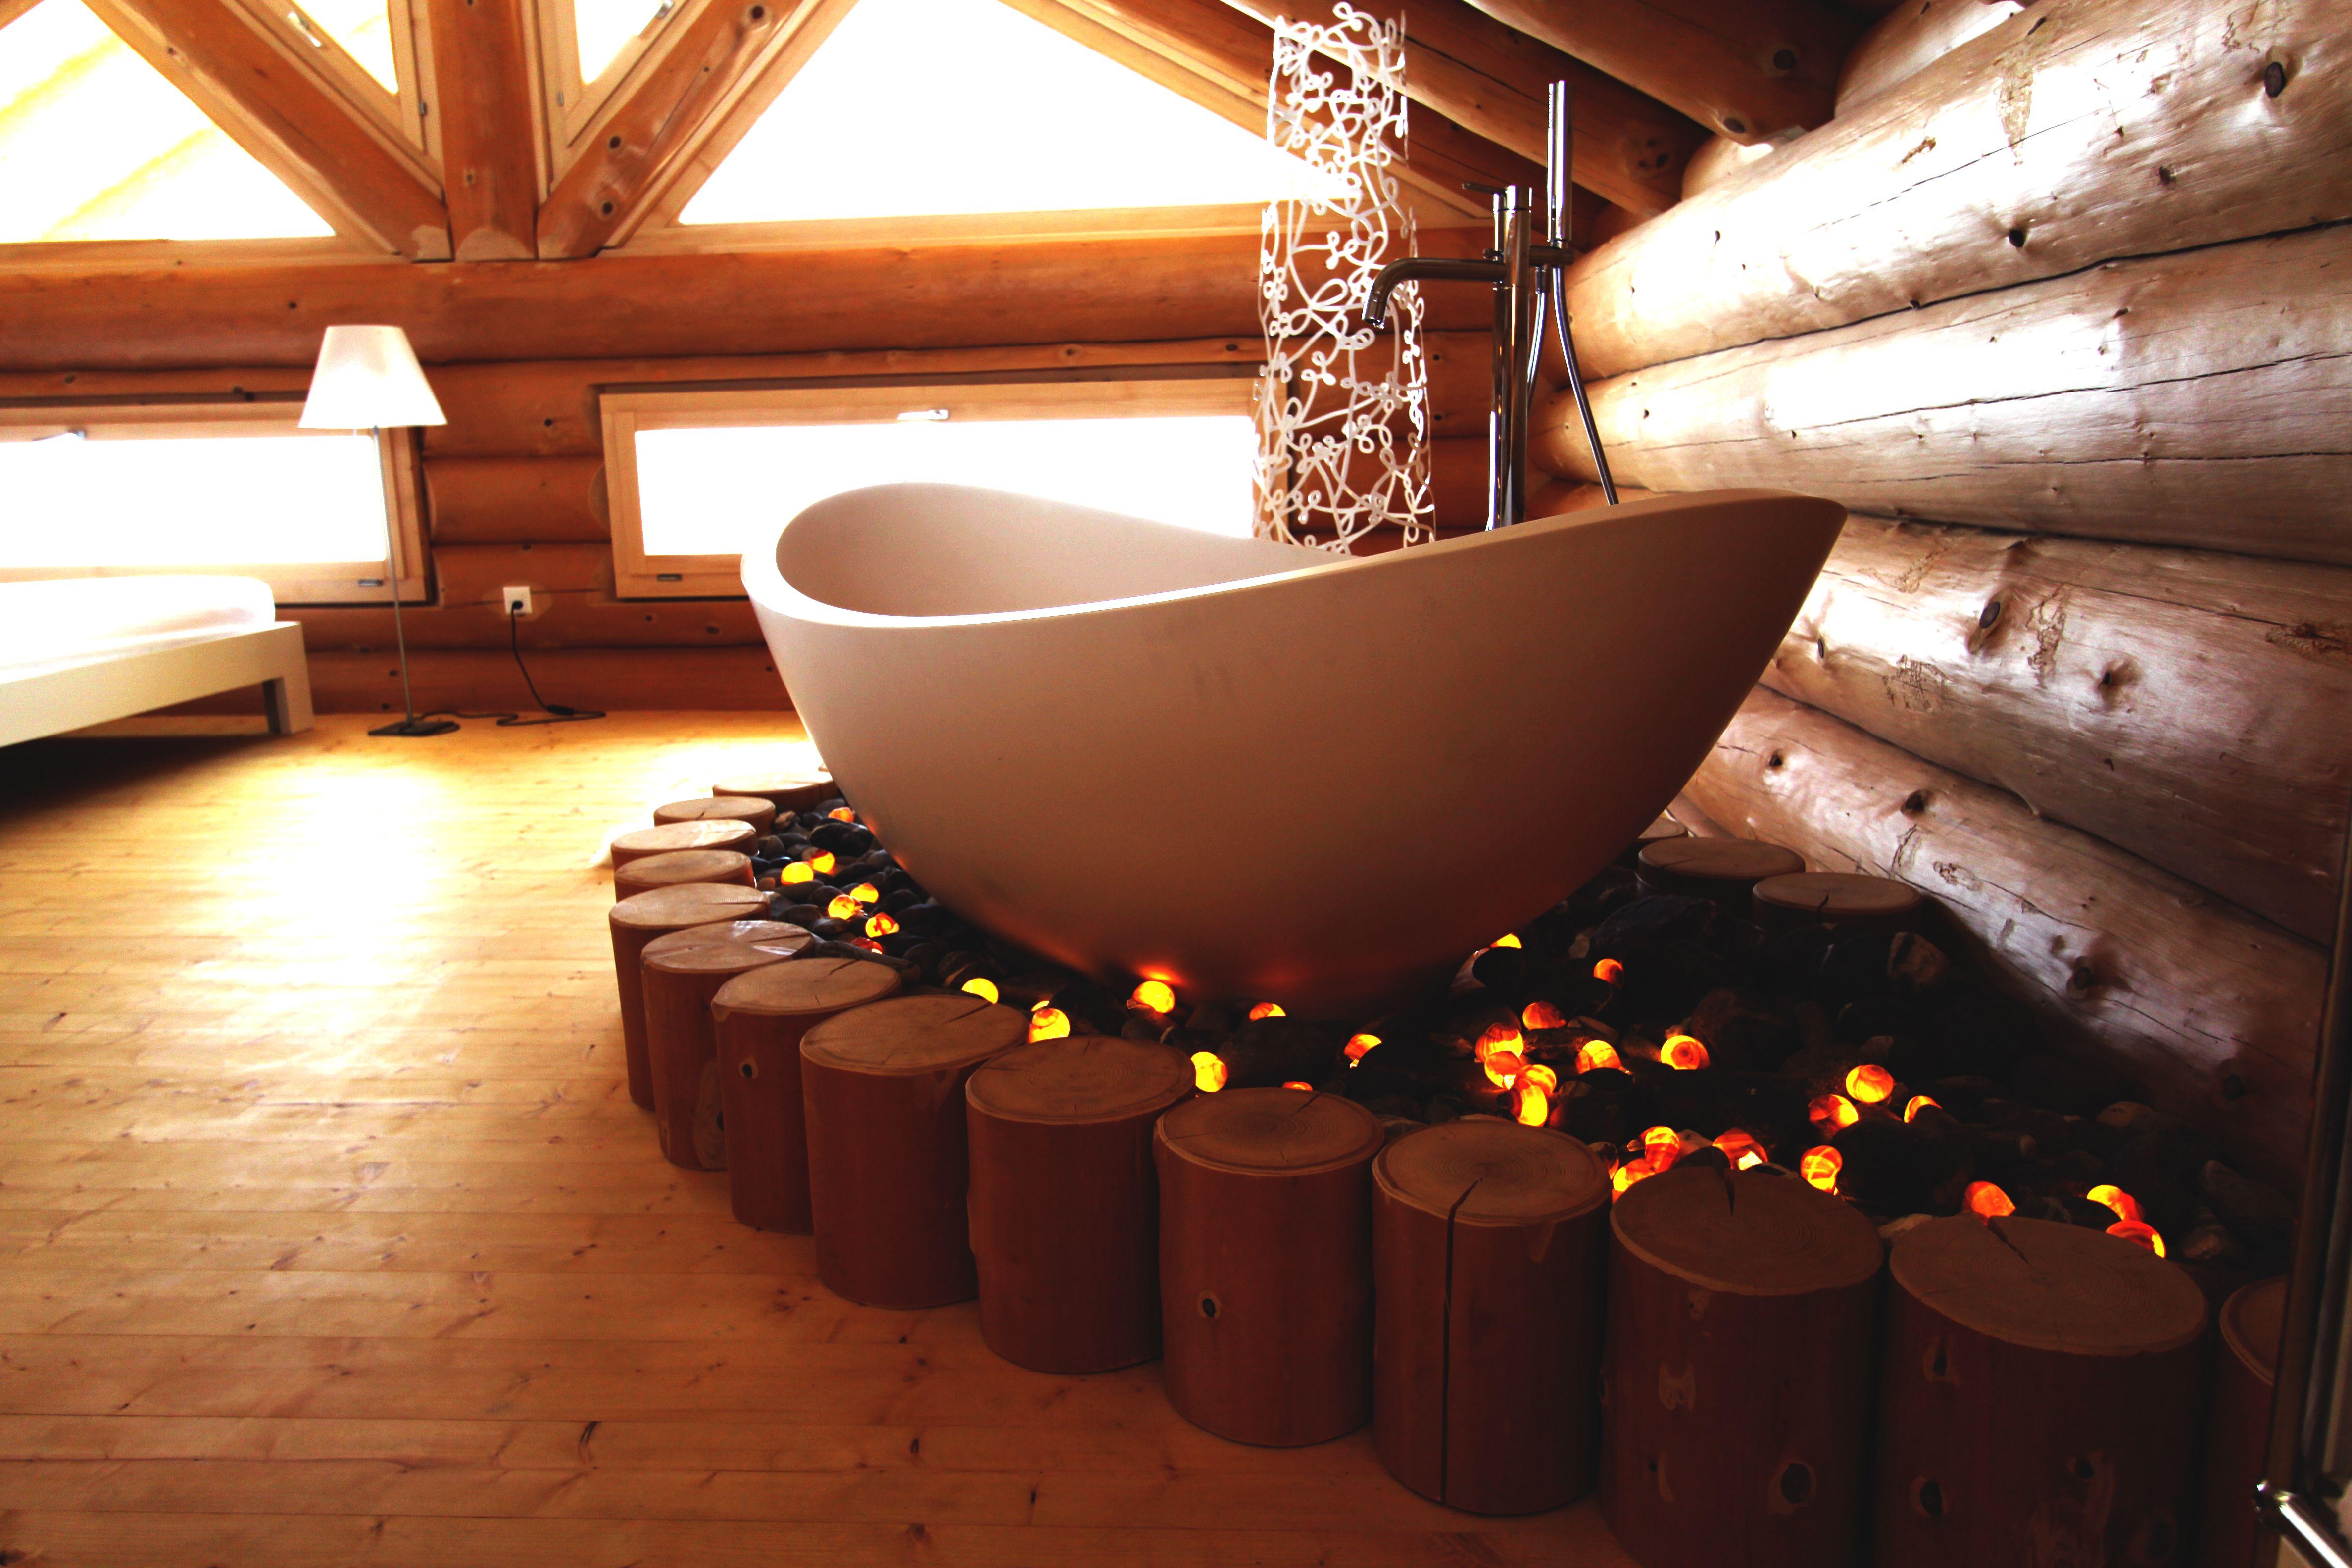 die lavasca mini badewanne freistehend wundersch n pr sentiert eingebaut in einem blockhaus in. Black Bedroom Furniture Sets. Home Design Ideas